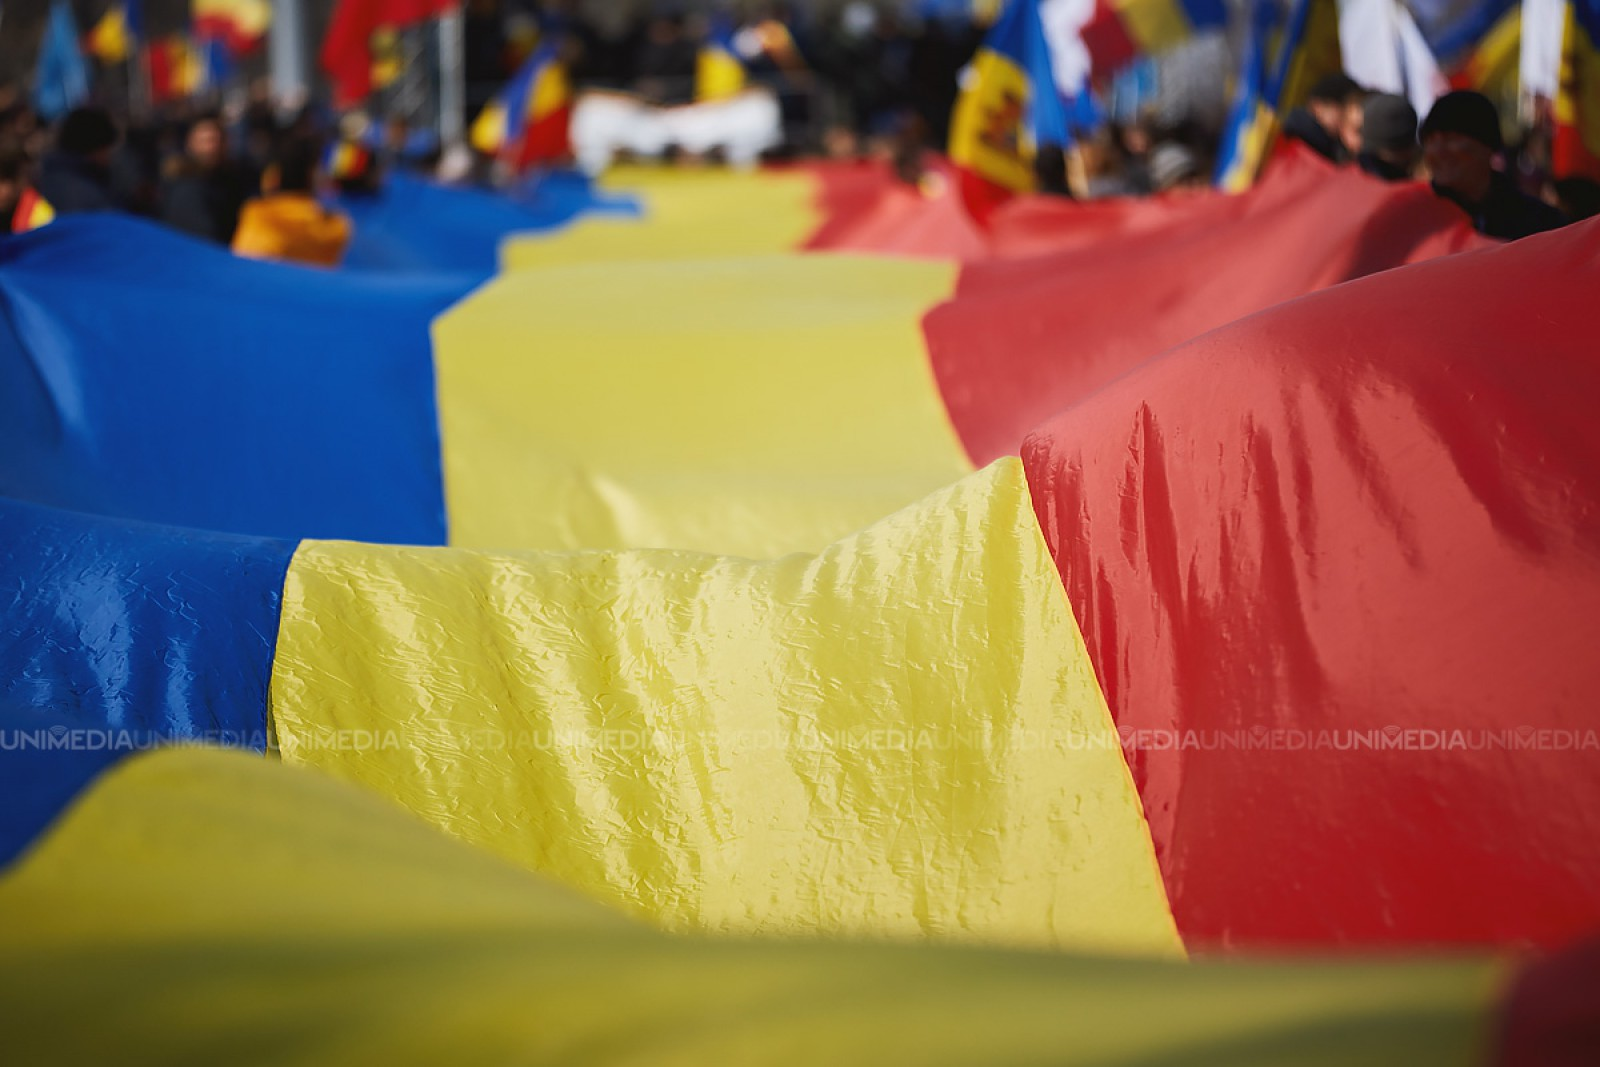 Unioniștii își propun să adune un milion de semnături în Moldova și România pentru un referendum legat de unirea celor două țări